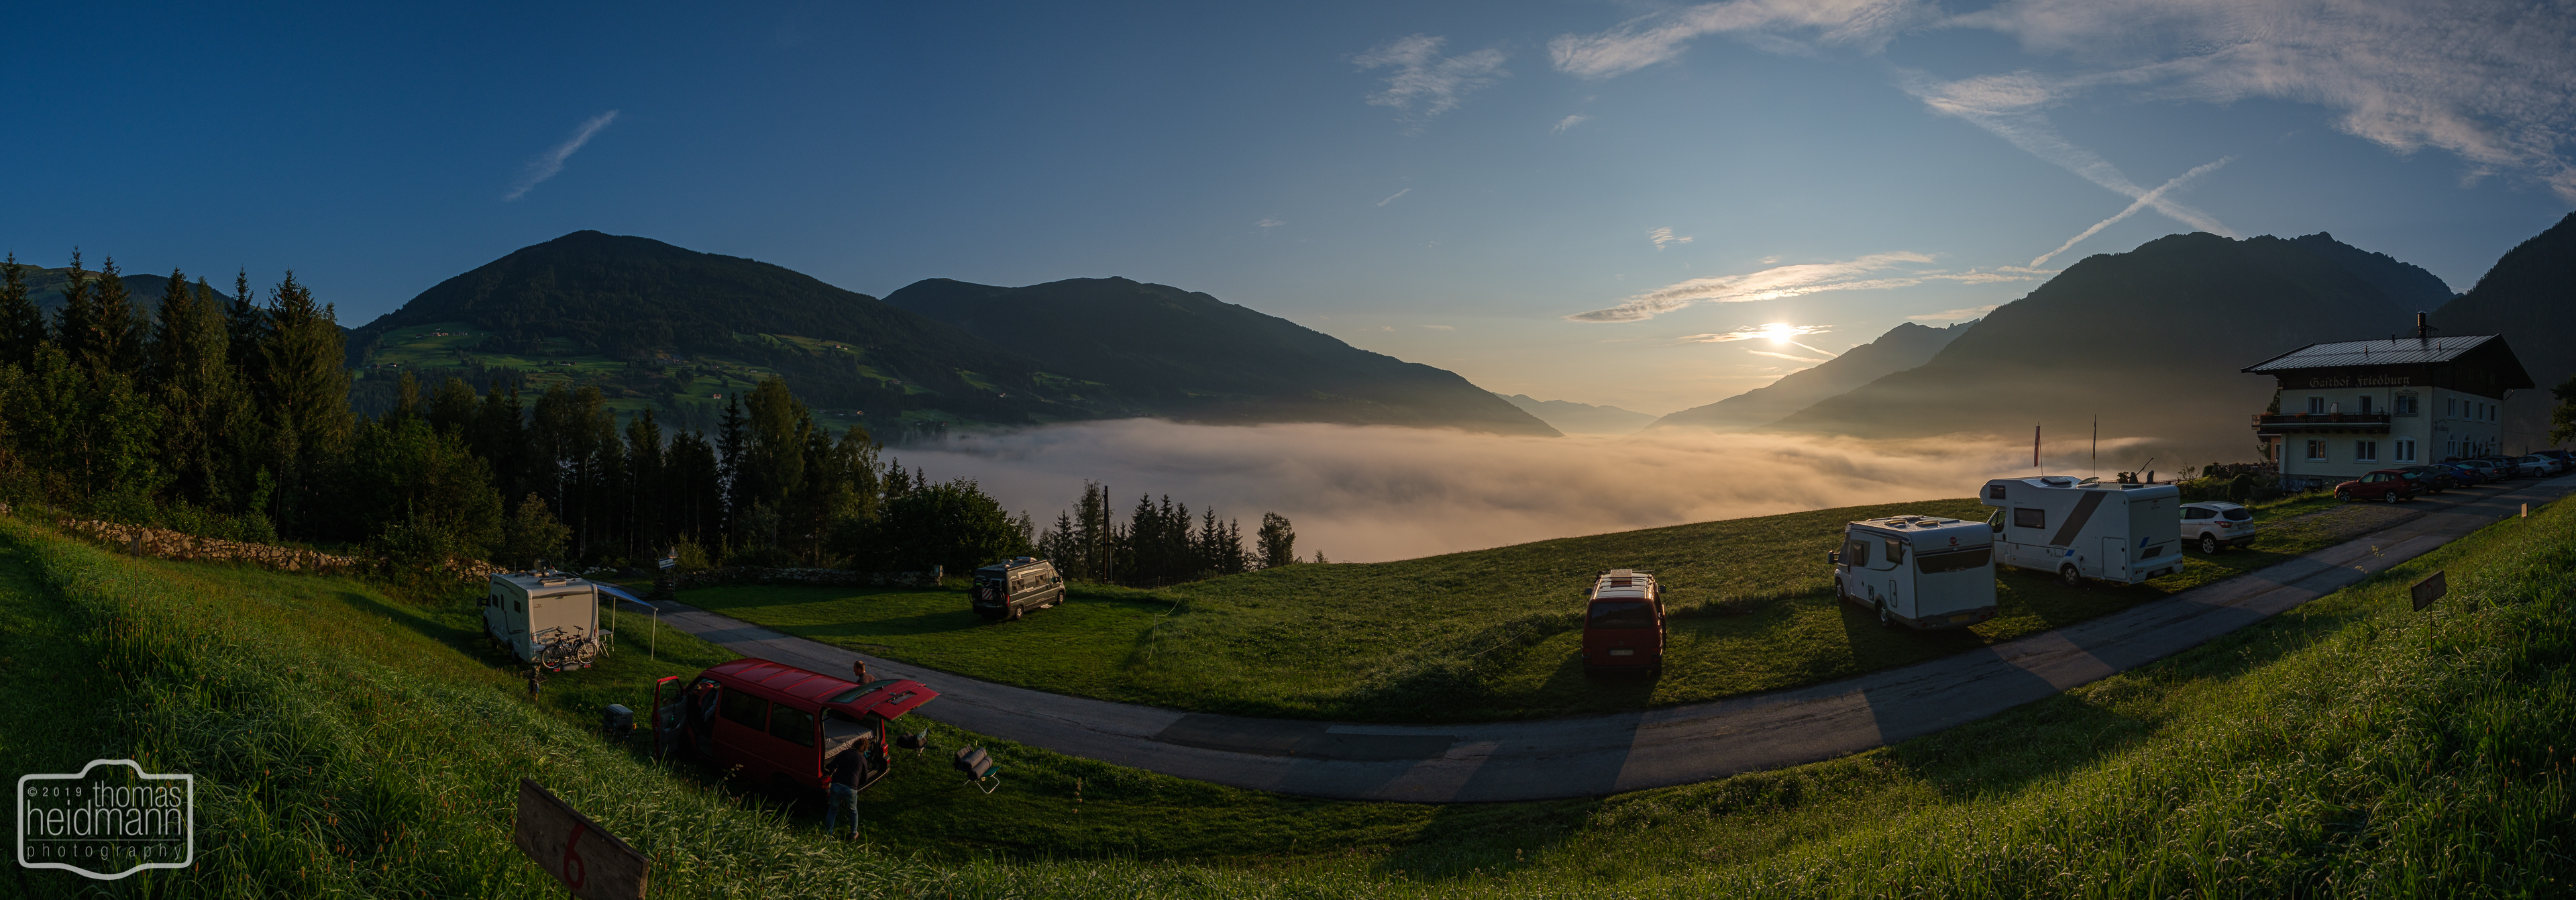 Sonnenaufgang in Friedburg und das Tal liegt noch unter den Wolken